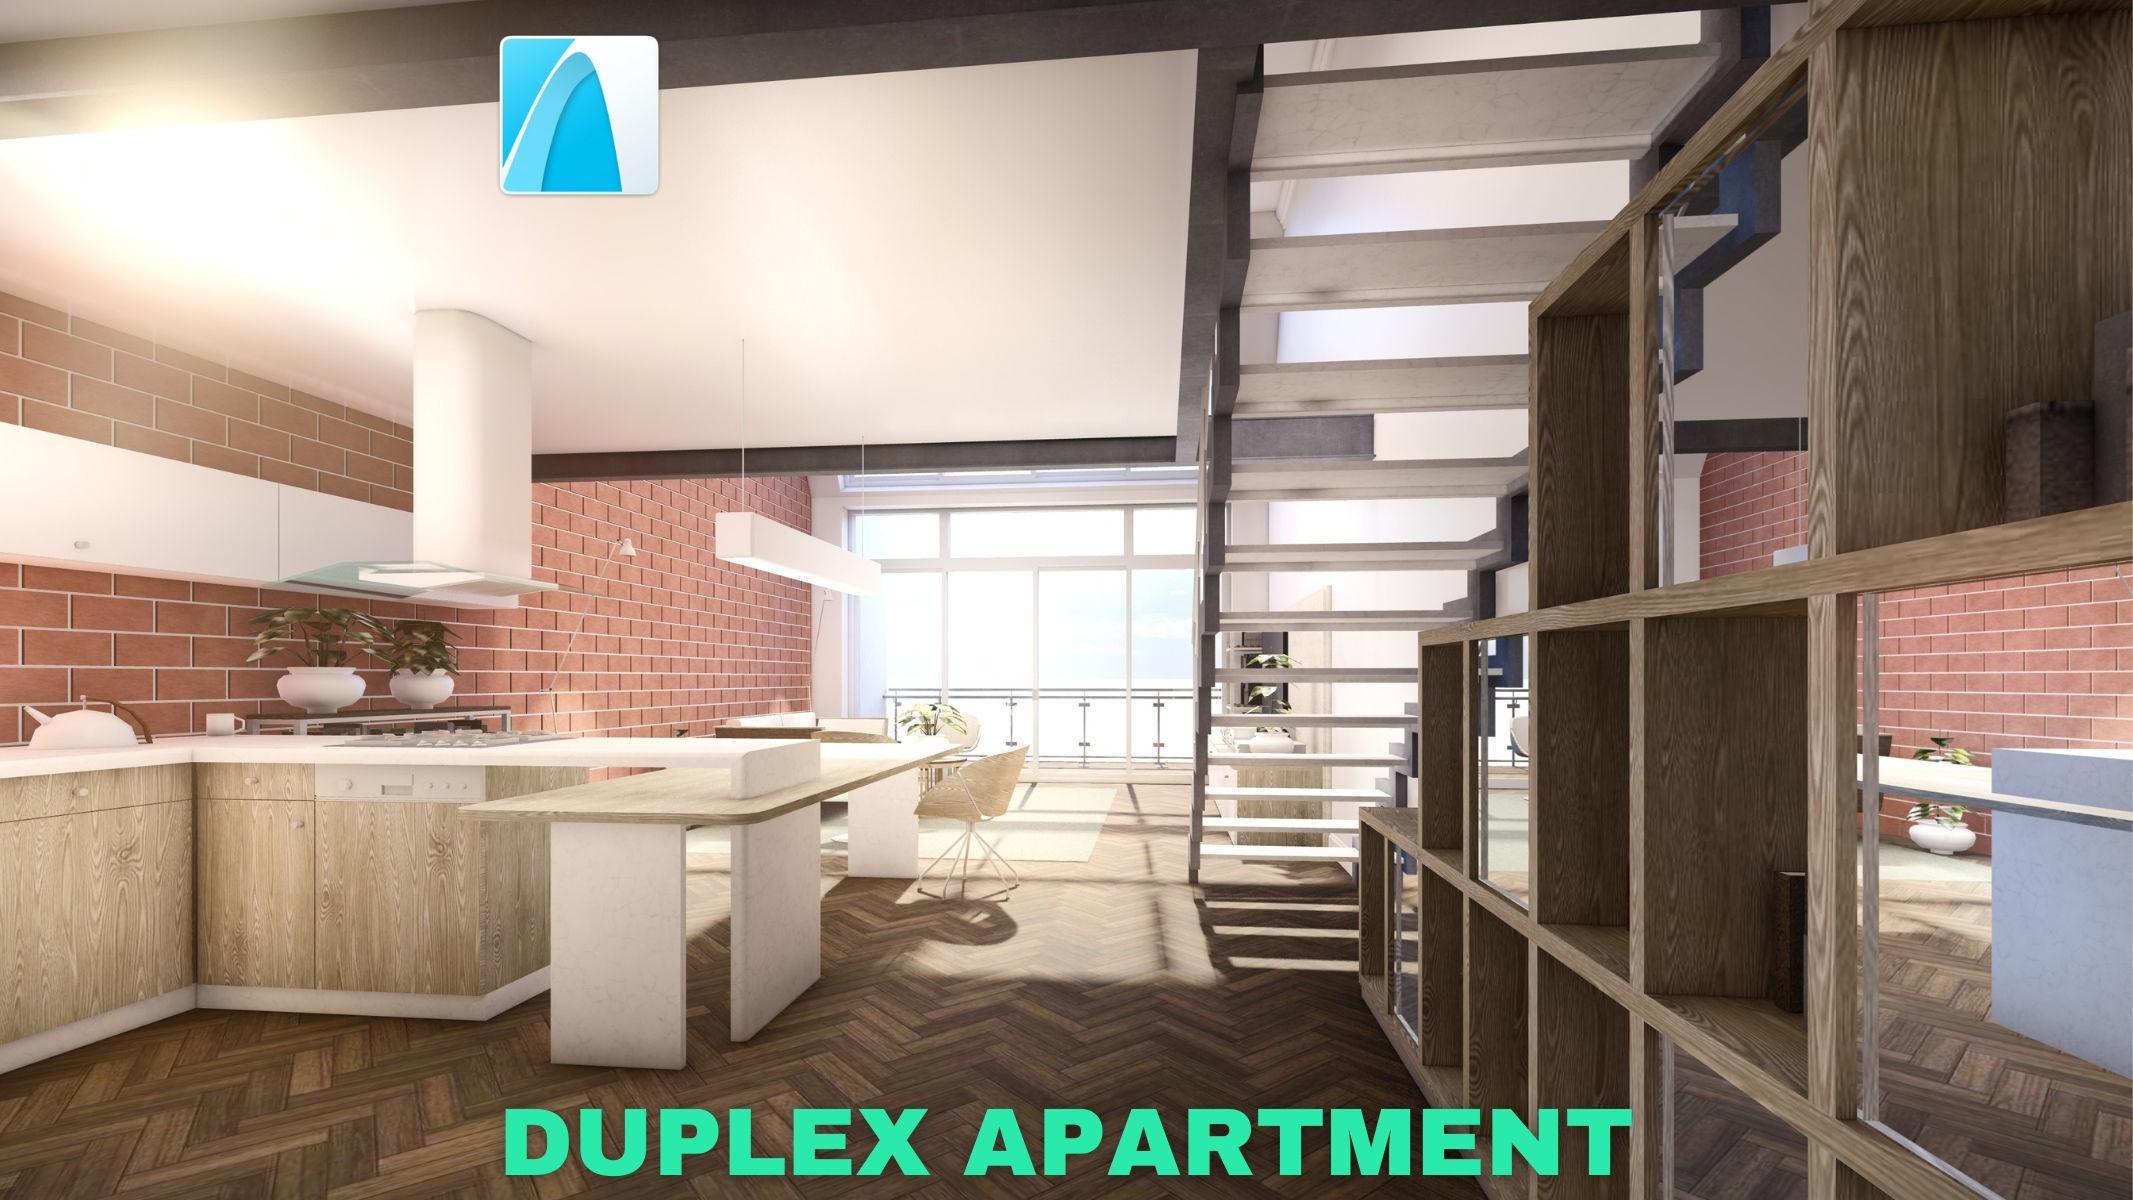 Modern Duplex Apartment Scene - Archicad